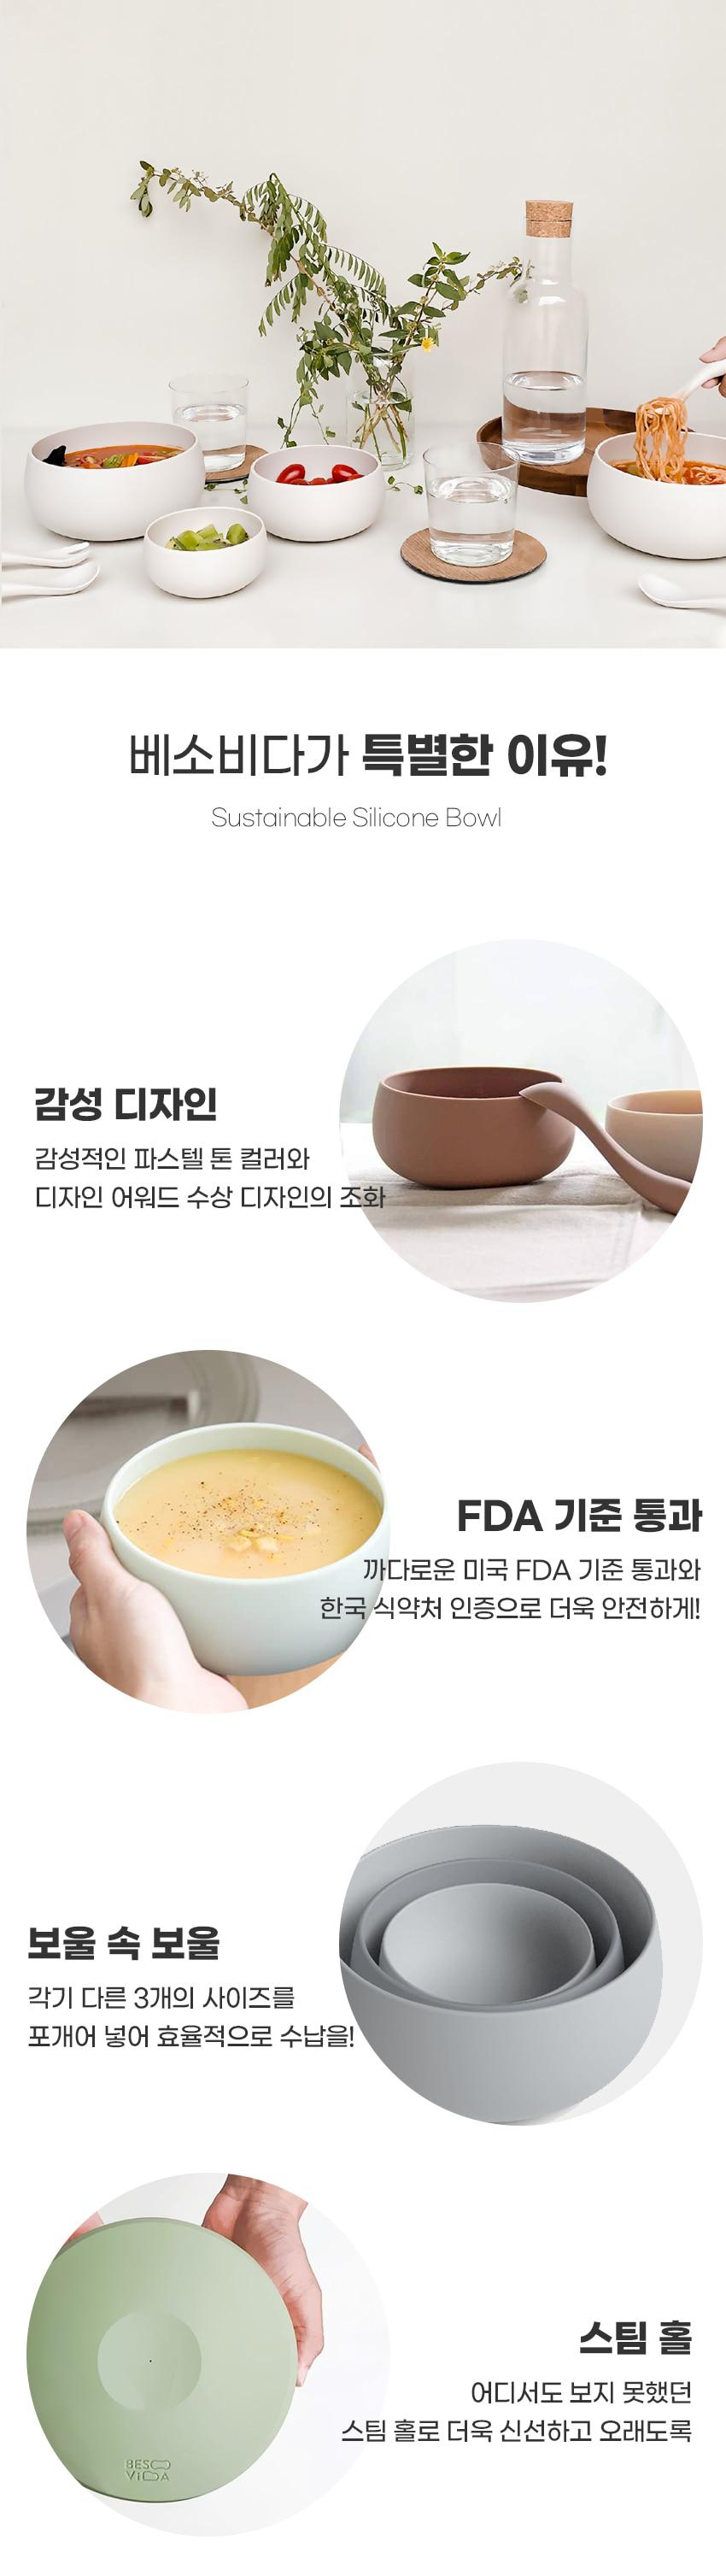 감성적인 디자인, 스팀홀, FDA인증까지 받은 실리콘 그릇